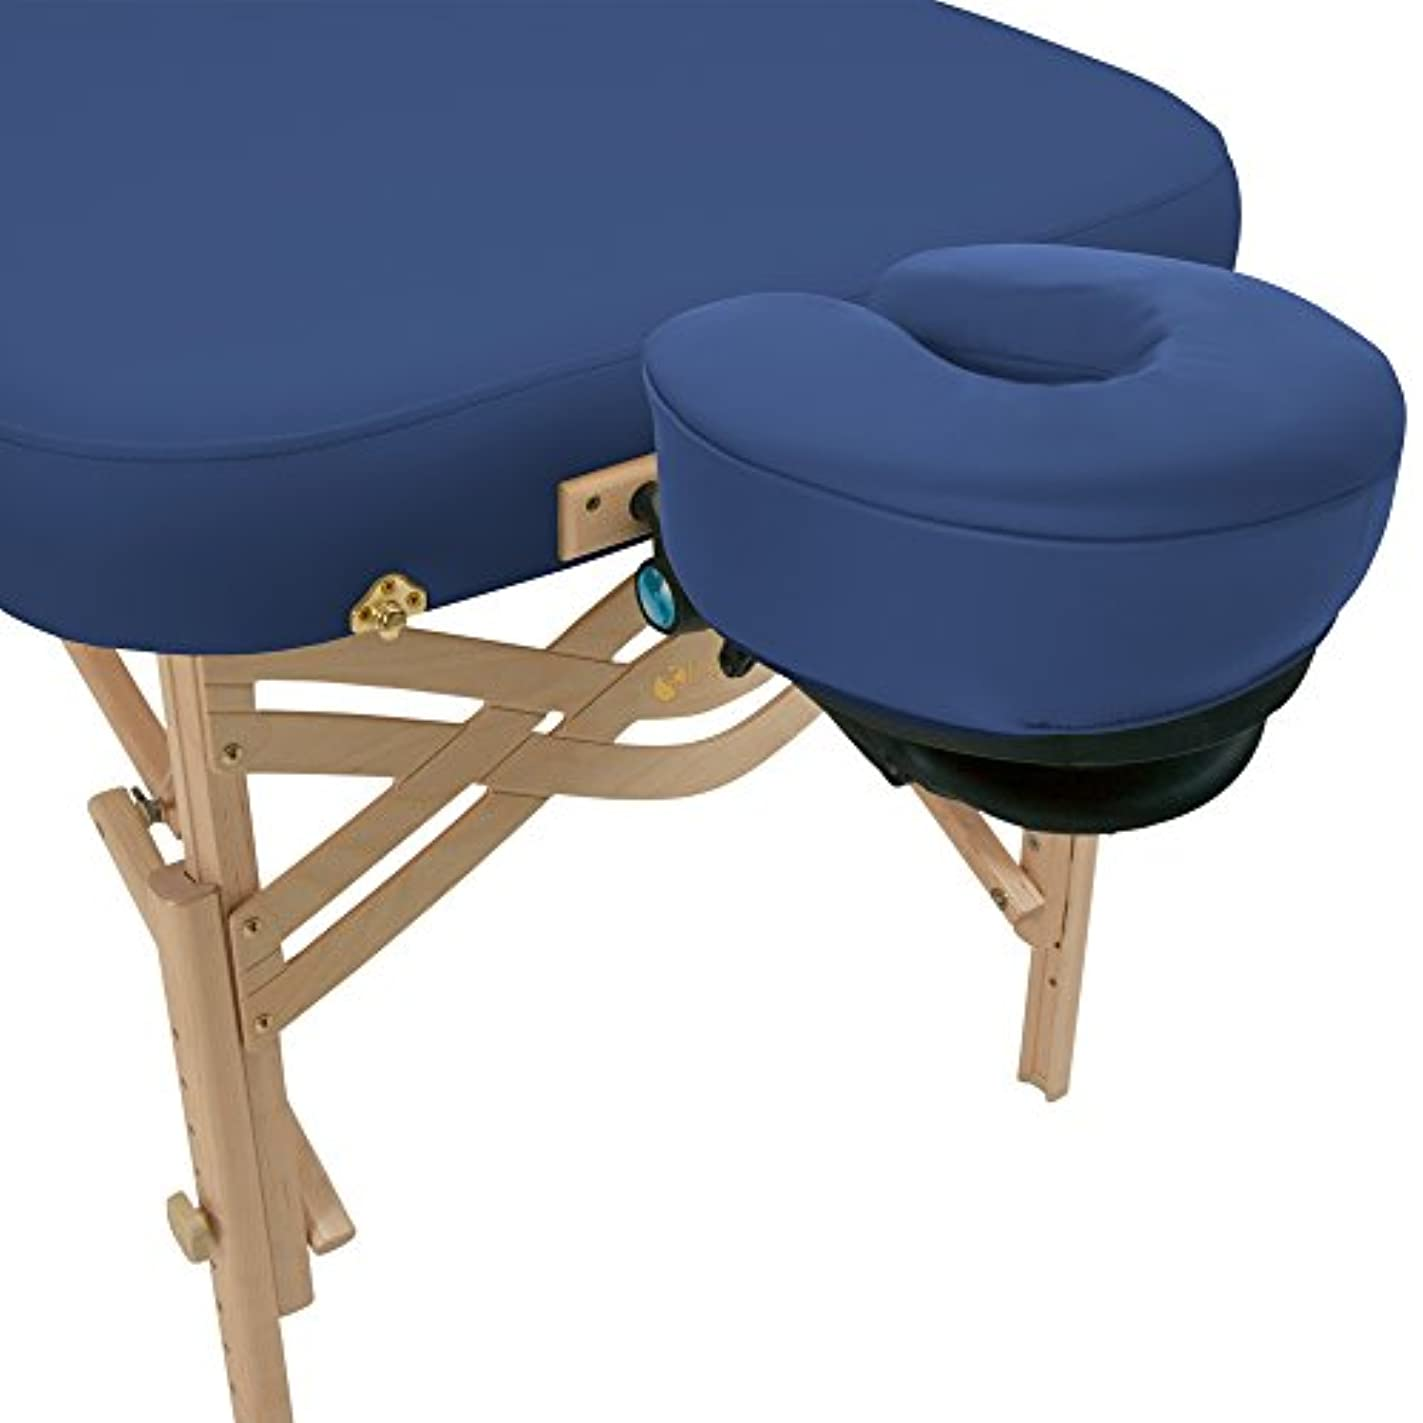 こんにちは色合い蓋STRONGLITE マッサージフェイス クレードルクッション クラウドコンフォート – マッサージテーブル&マッサージチェア ヘッドレスト枕 / 100%ポリウレタンカバー